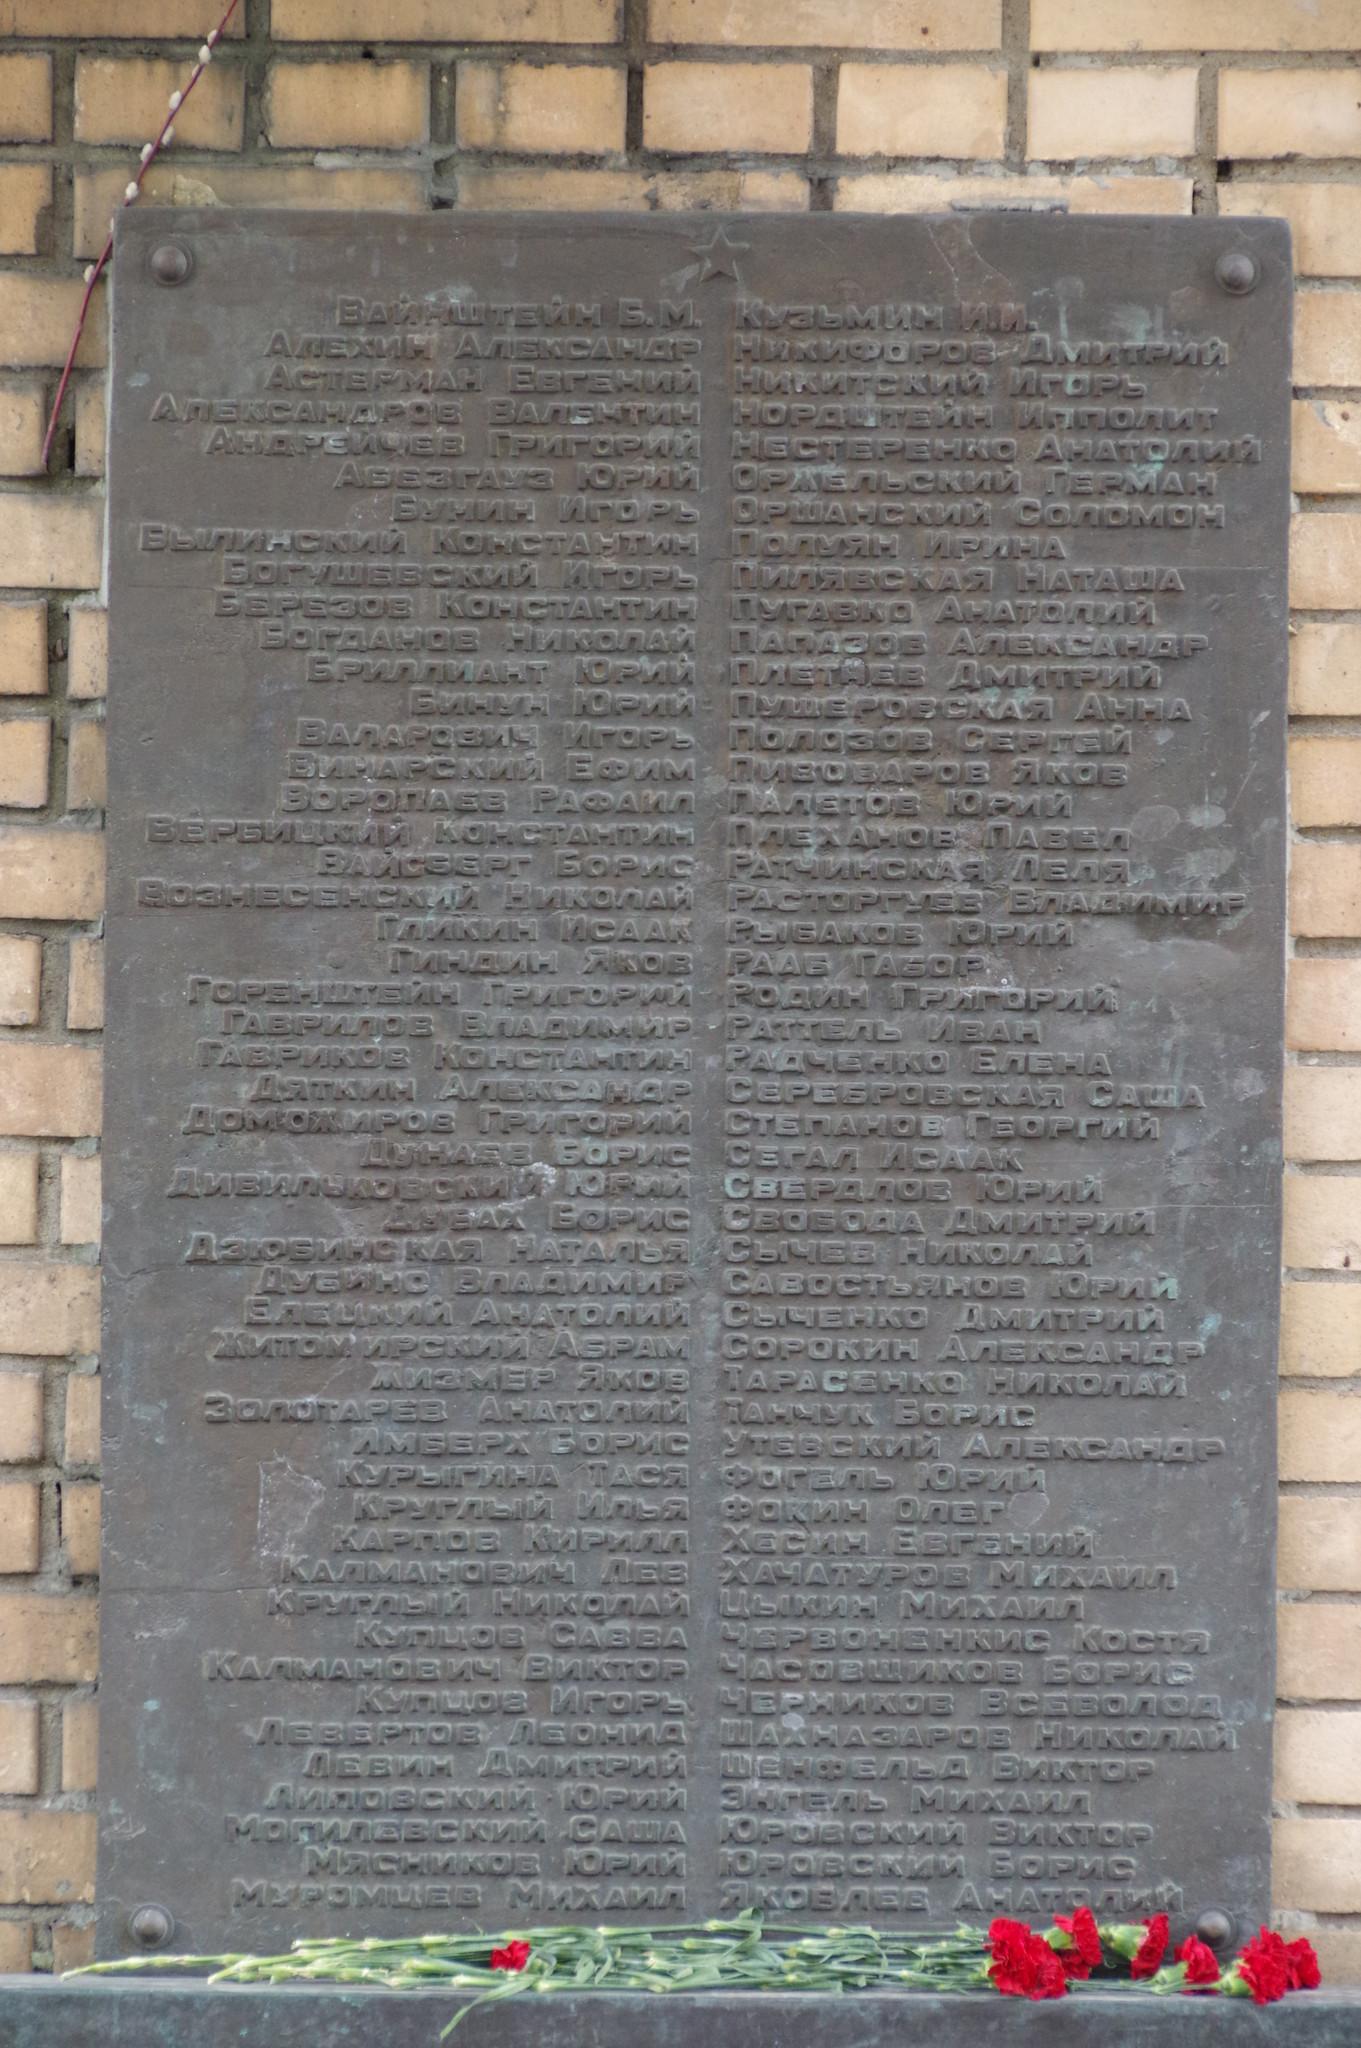 Памятник «Реквием. 1941 год. Моим одноклассникам, погибшим на войне». ГБОУ средняя общеобразовательная школа с углублённым изучением испанского языка № 110 имени Мигеля Эрнандеса